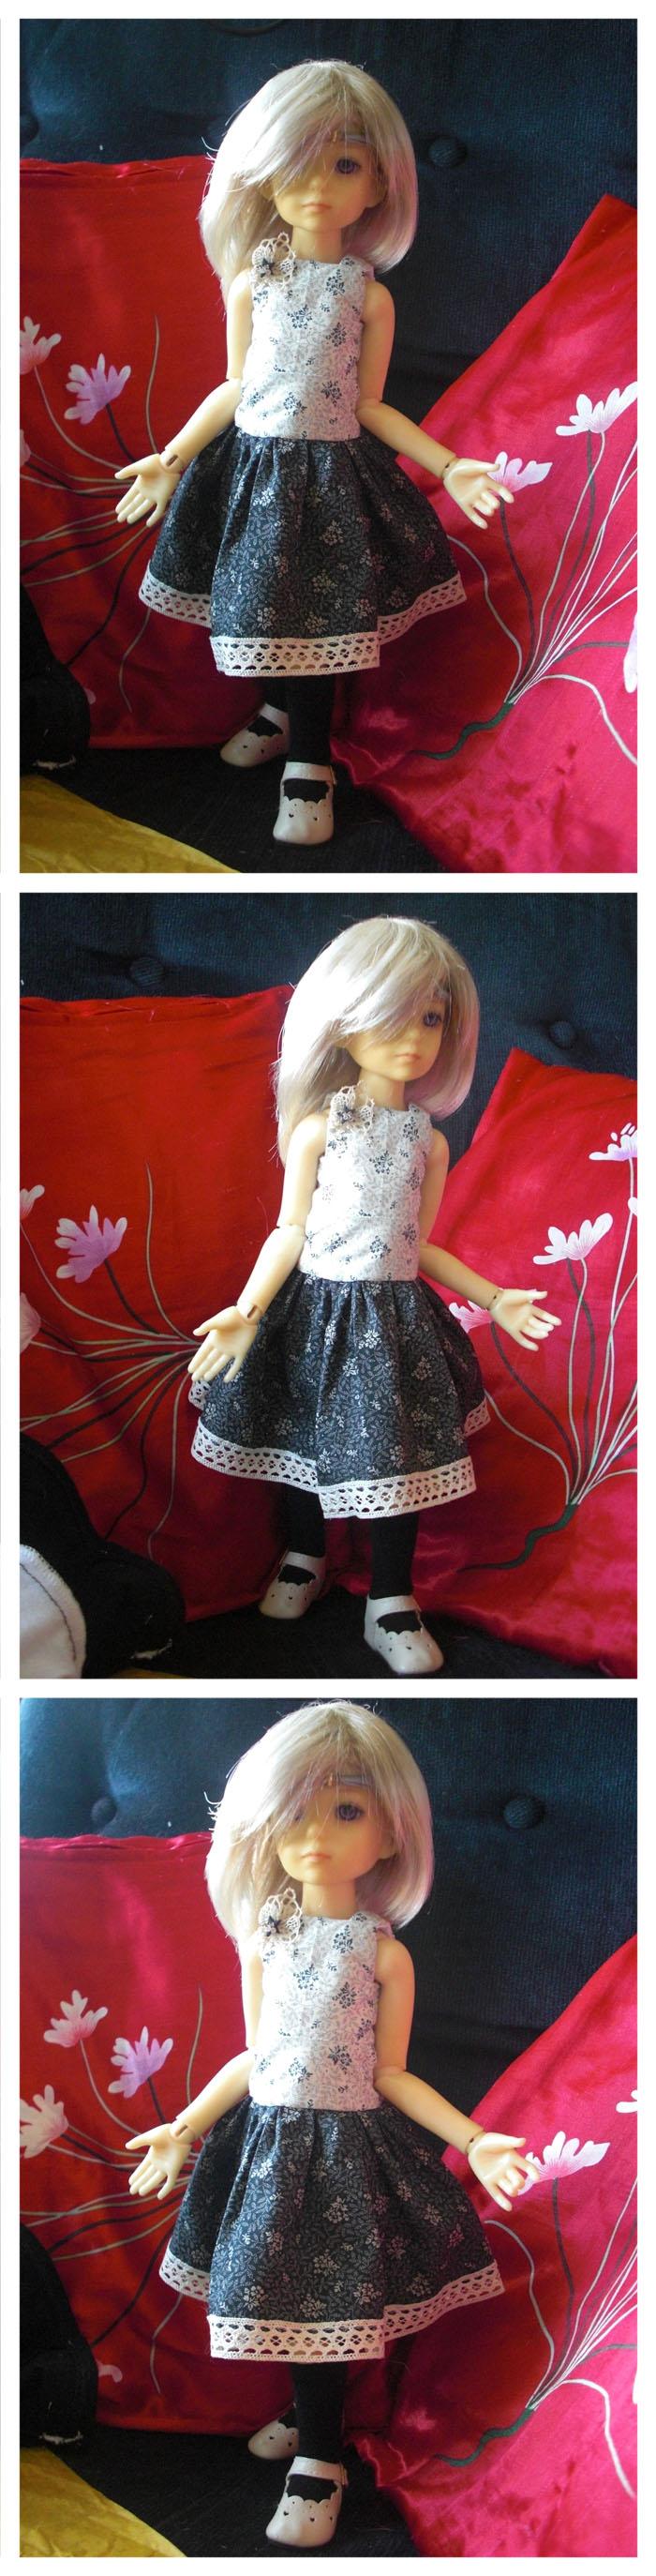 Couture de Lumir (Pour Narsha, Pocket Fairy et Momoko) The_dress_by_monsieur_cheval-d3kz94i